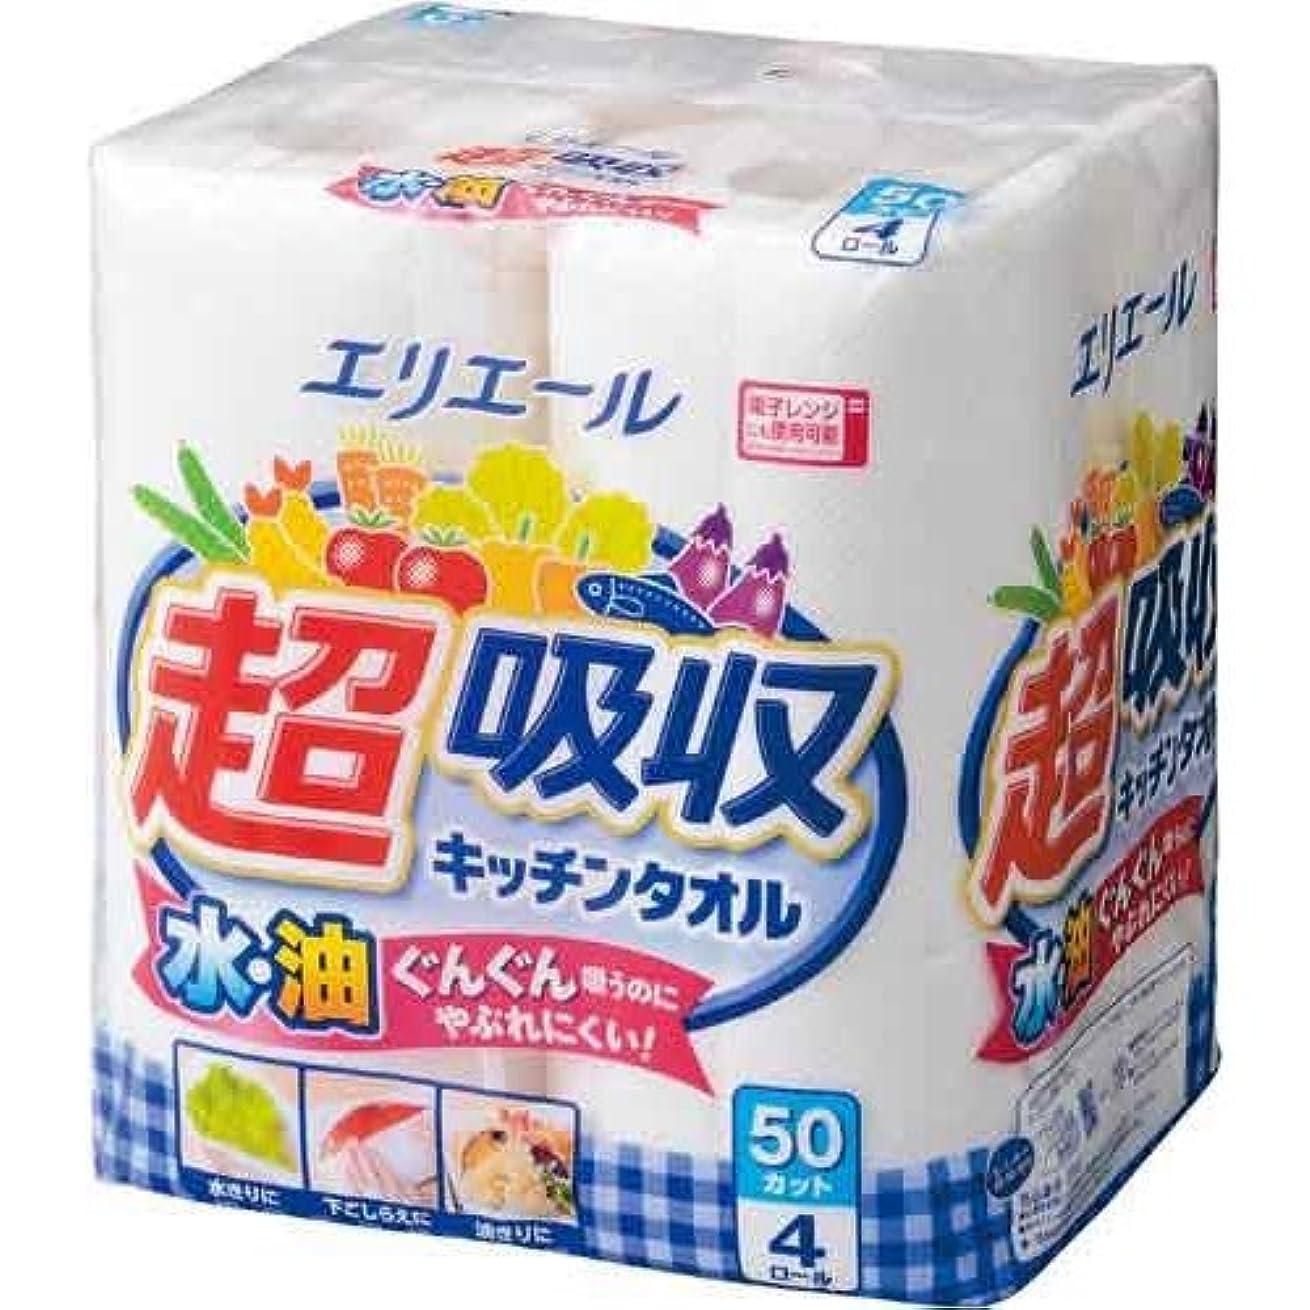 あさり噛む主観的大王製紙 エリエール超吸収キッチンタオル 4R×4